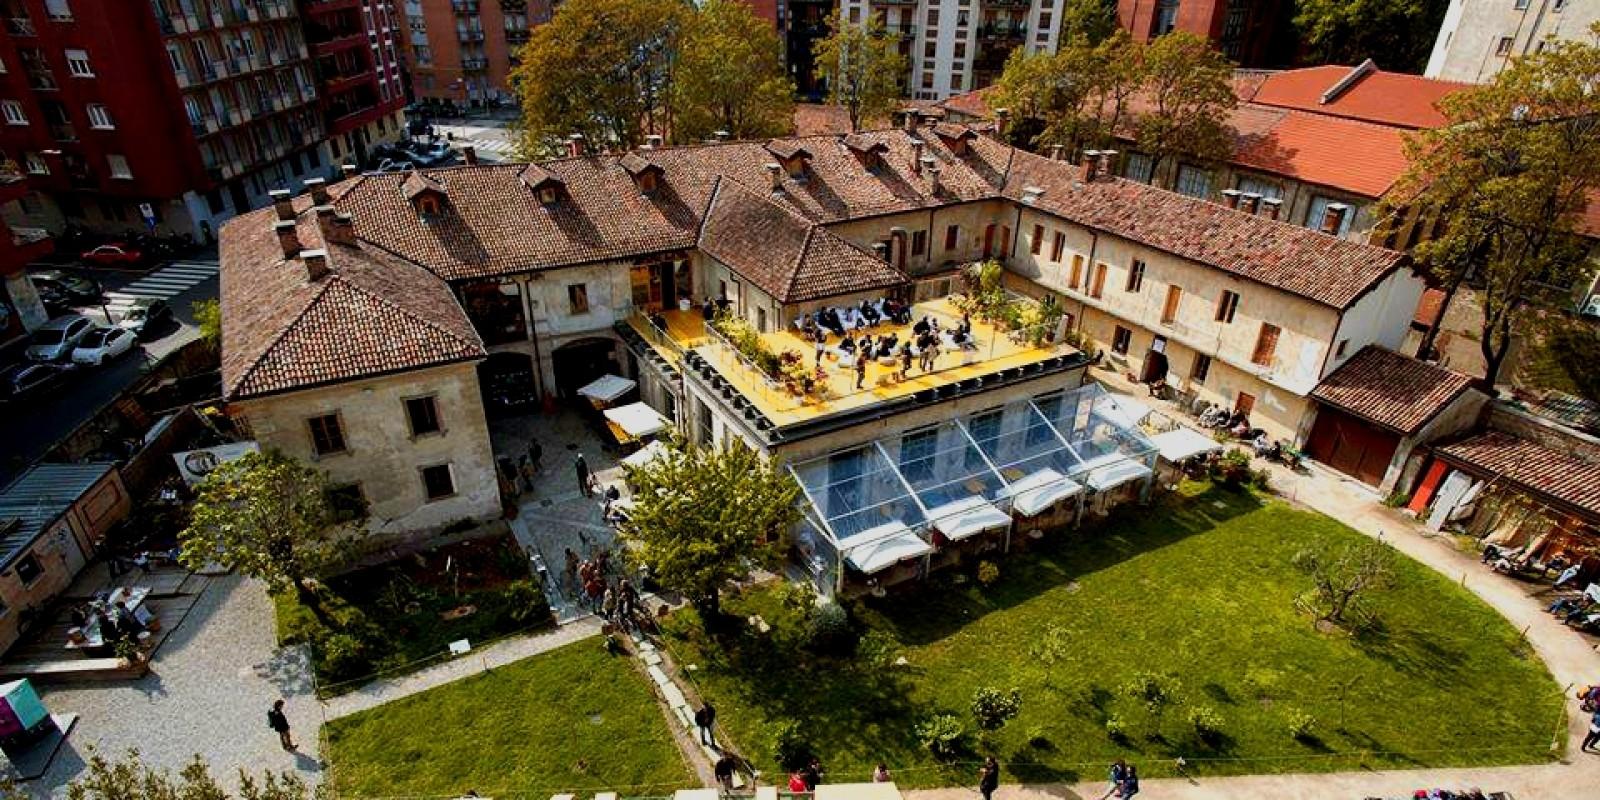 30 ristoranti etnici da provare a Milano